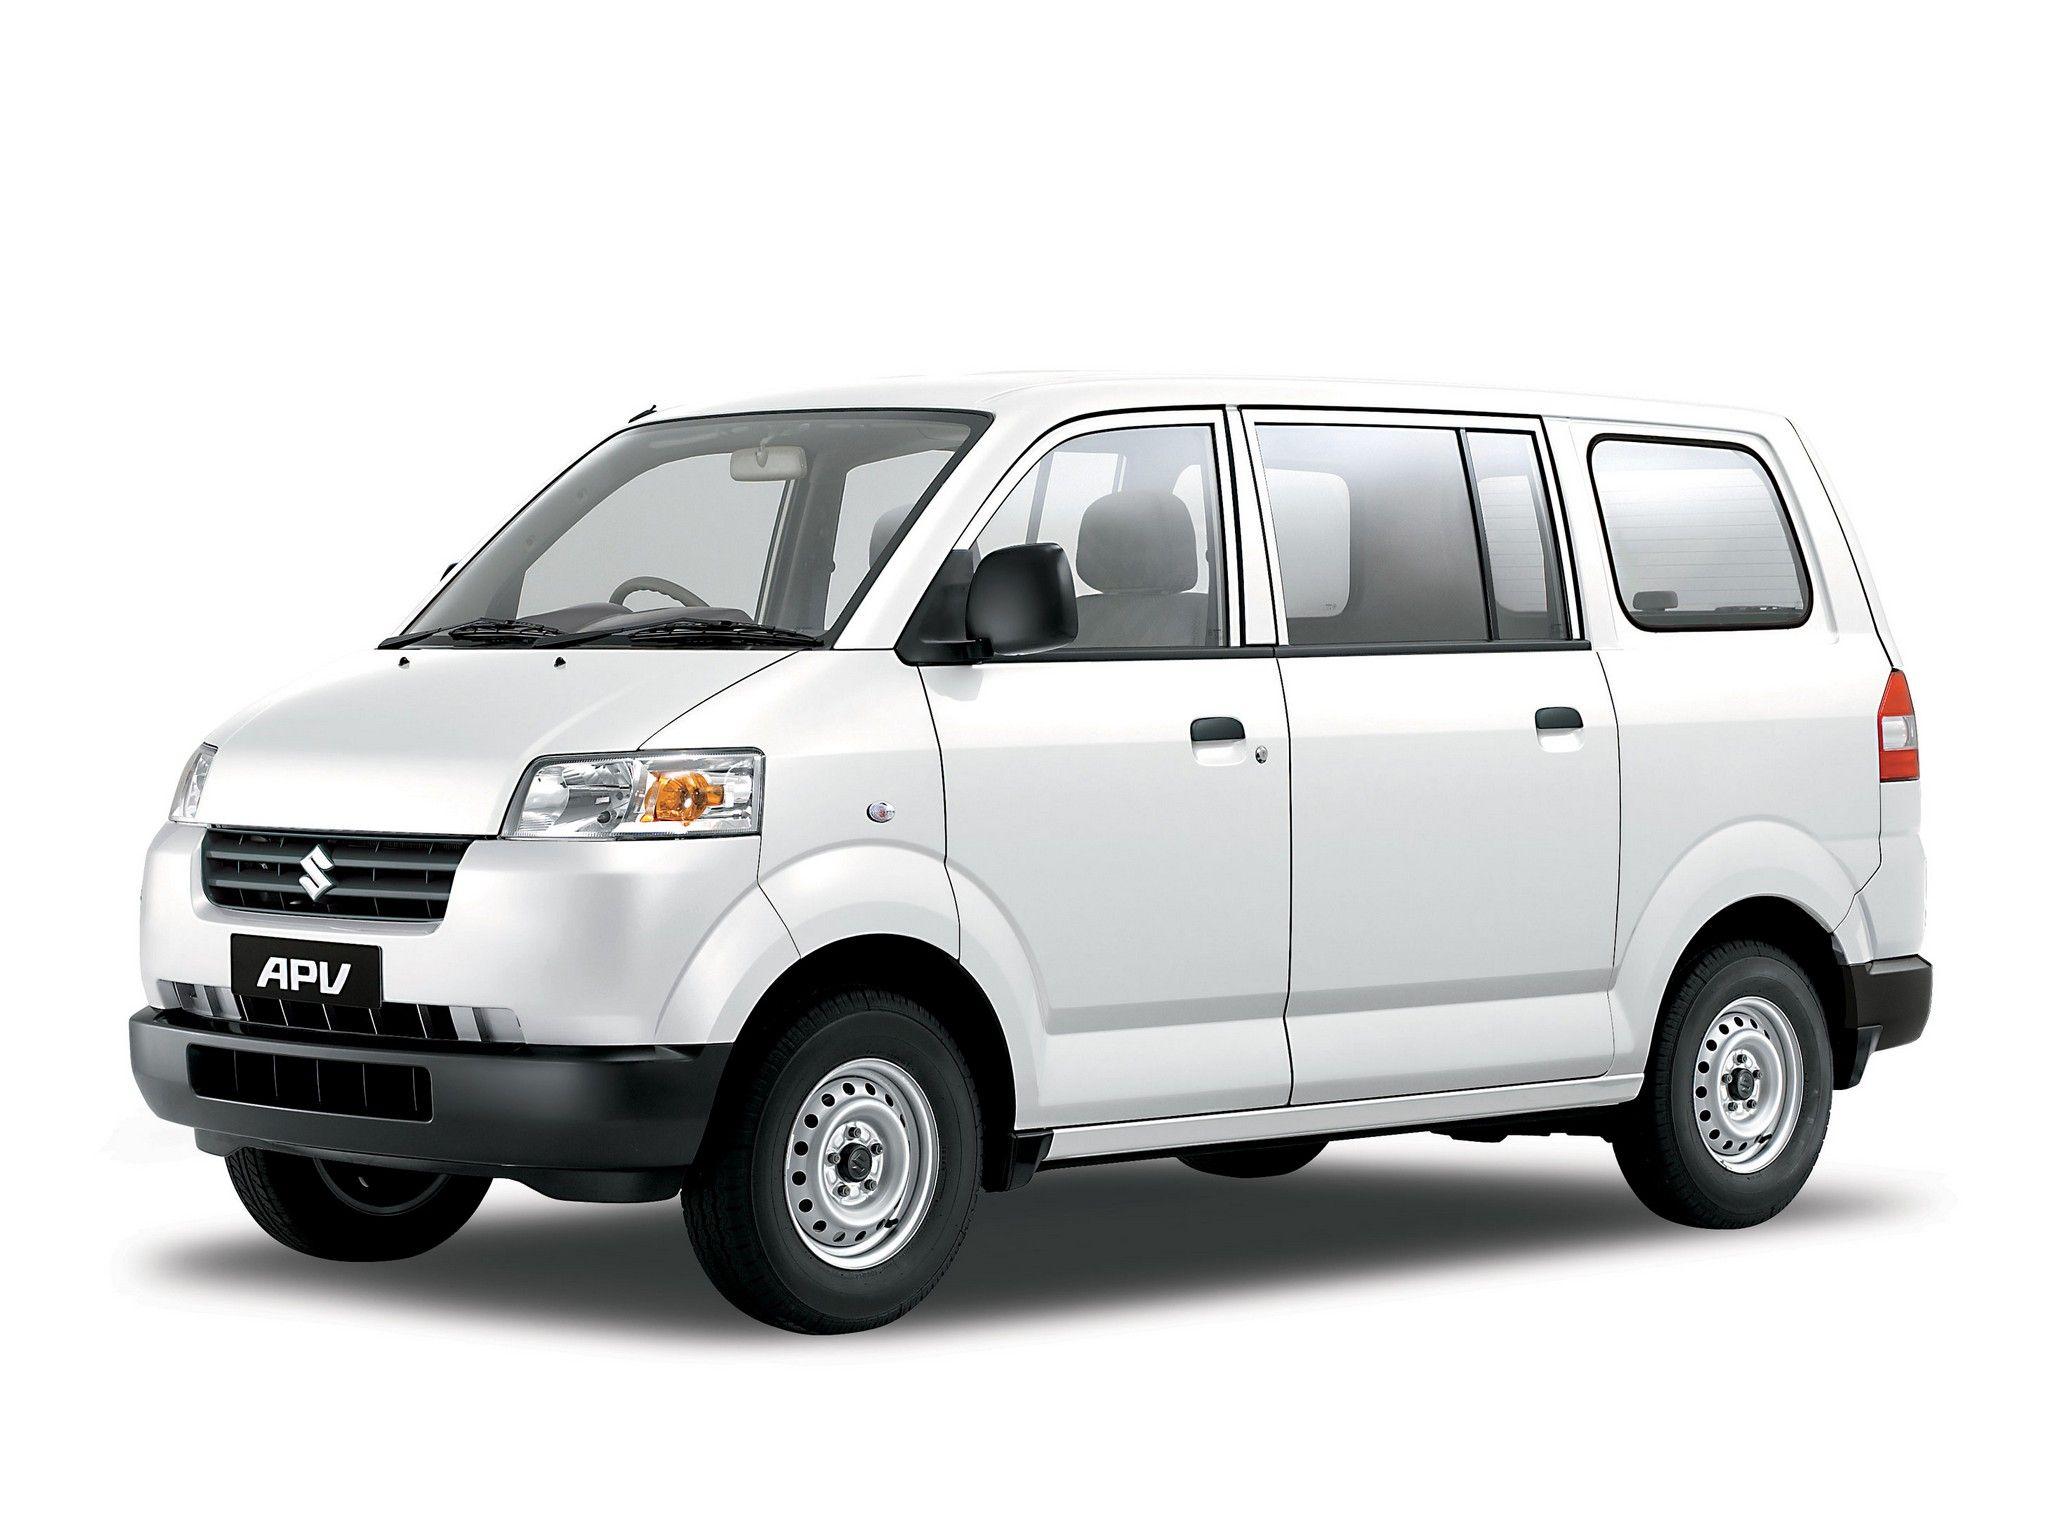 Harga Rental Sewa Mobil Apv Surabaya Murah Dengan Tanpa Sopir Lepas Kunci Ukuran Apv Yang Jumbo Mobil Asuransi Modifikasi Mobil